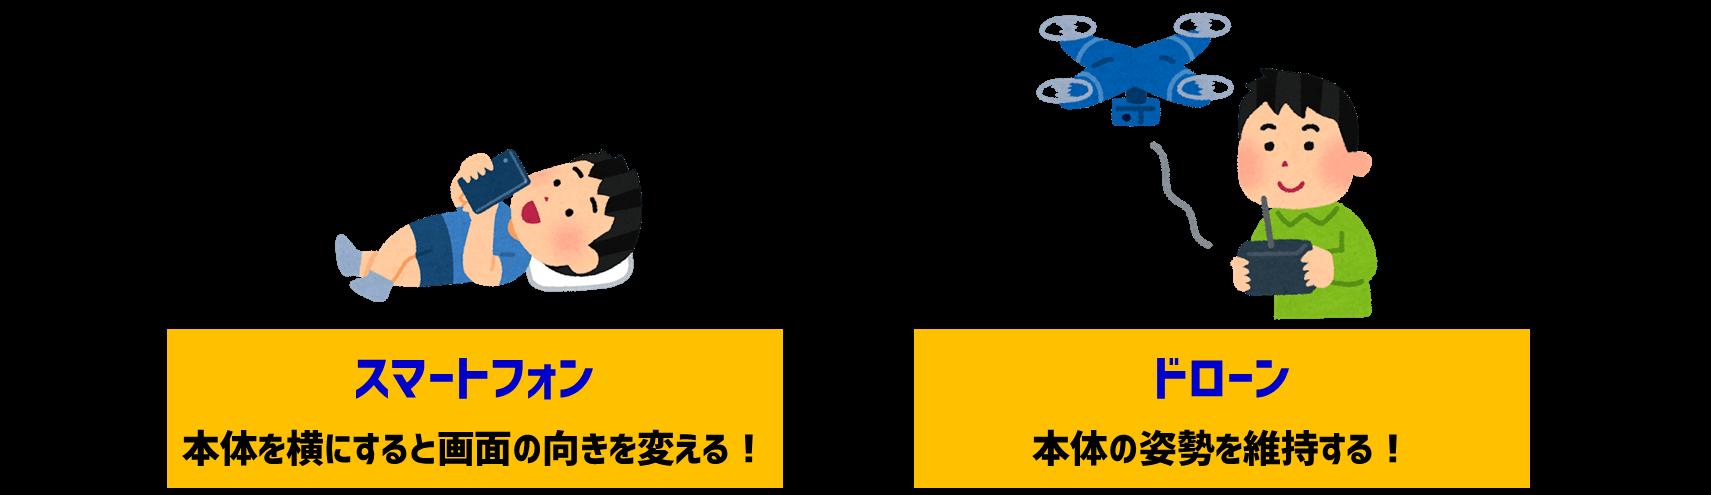 加速度センサーが使われている機器